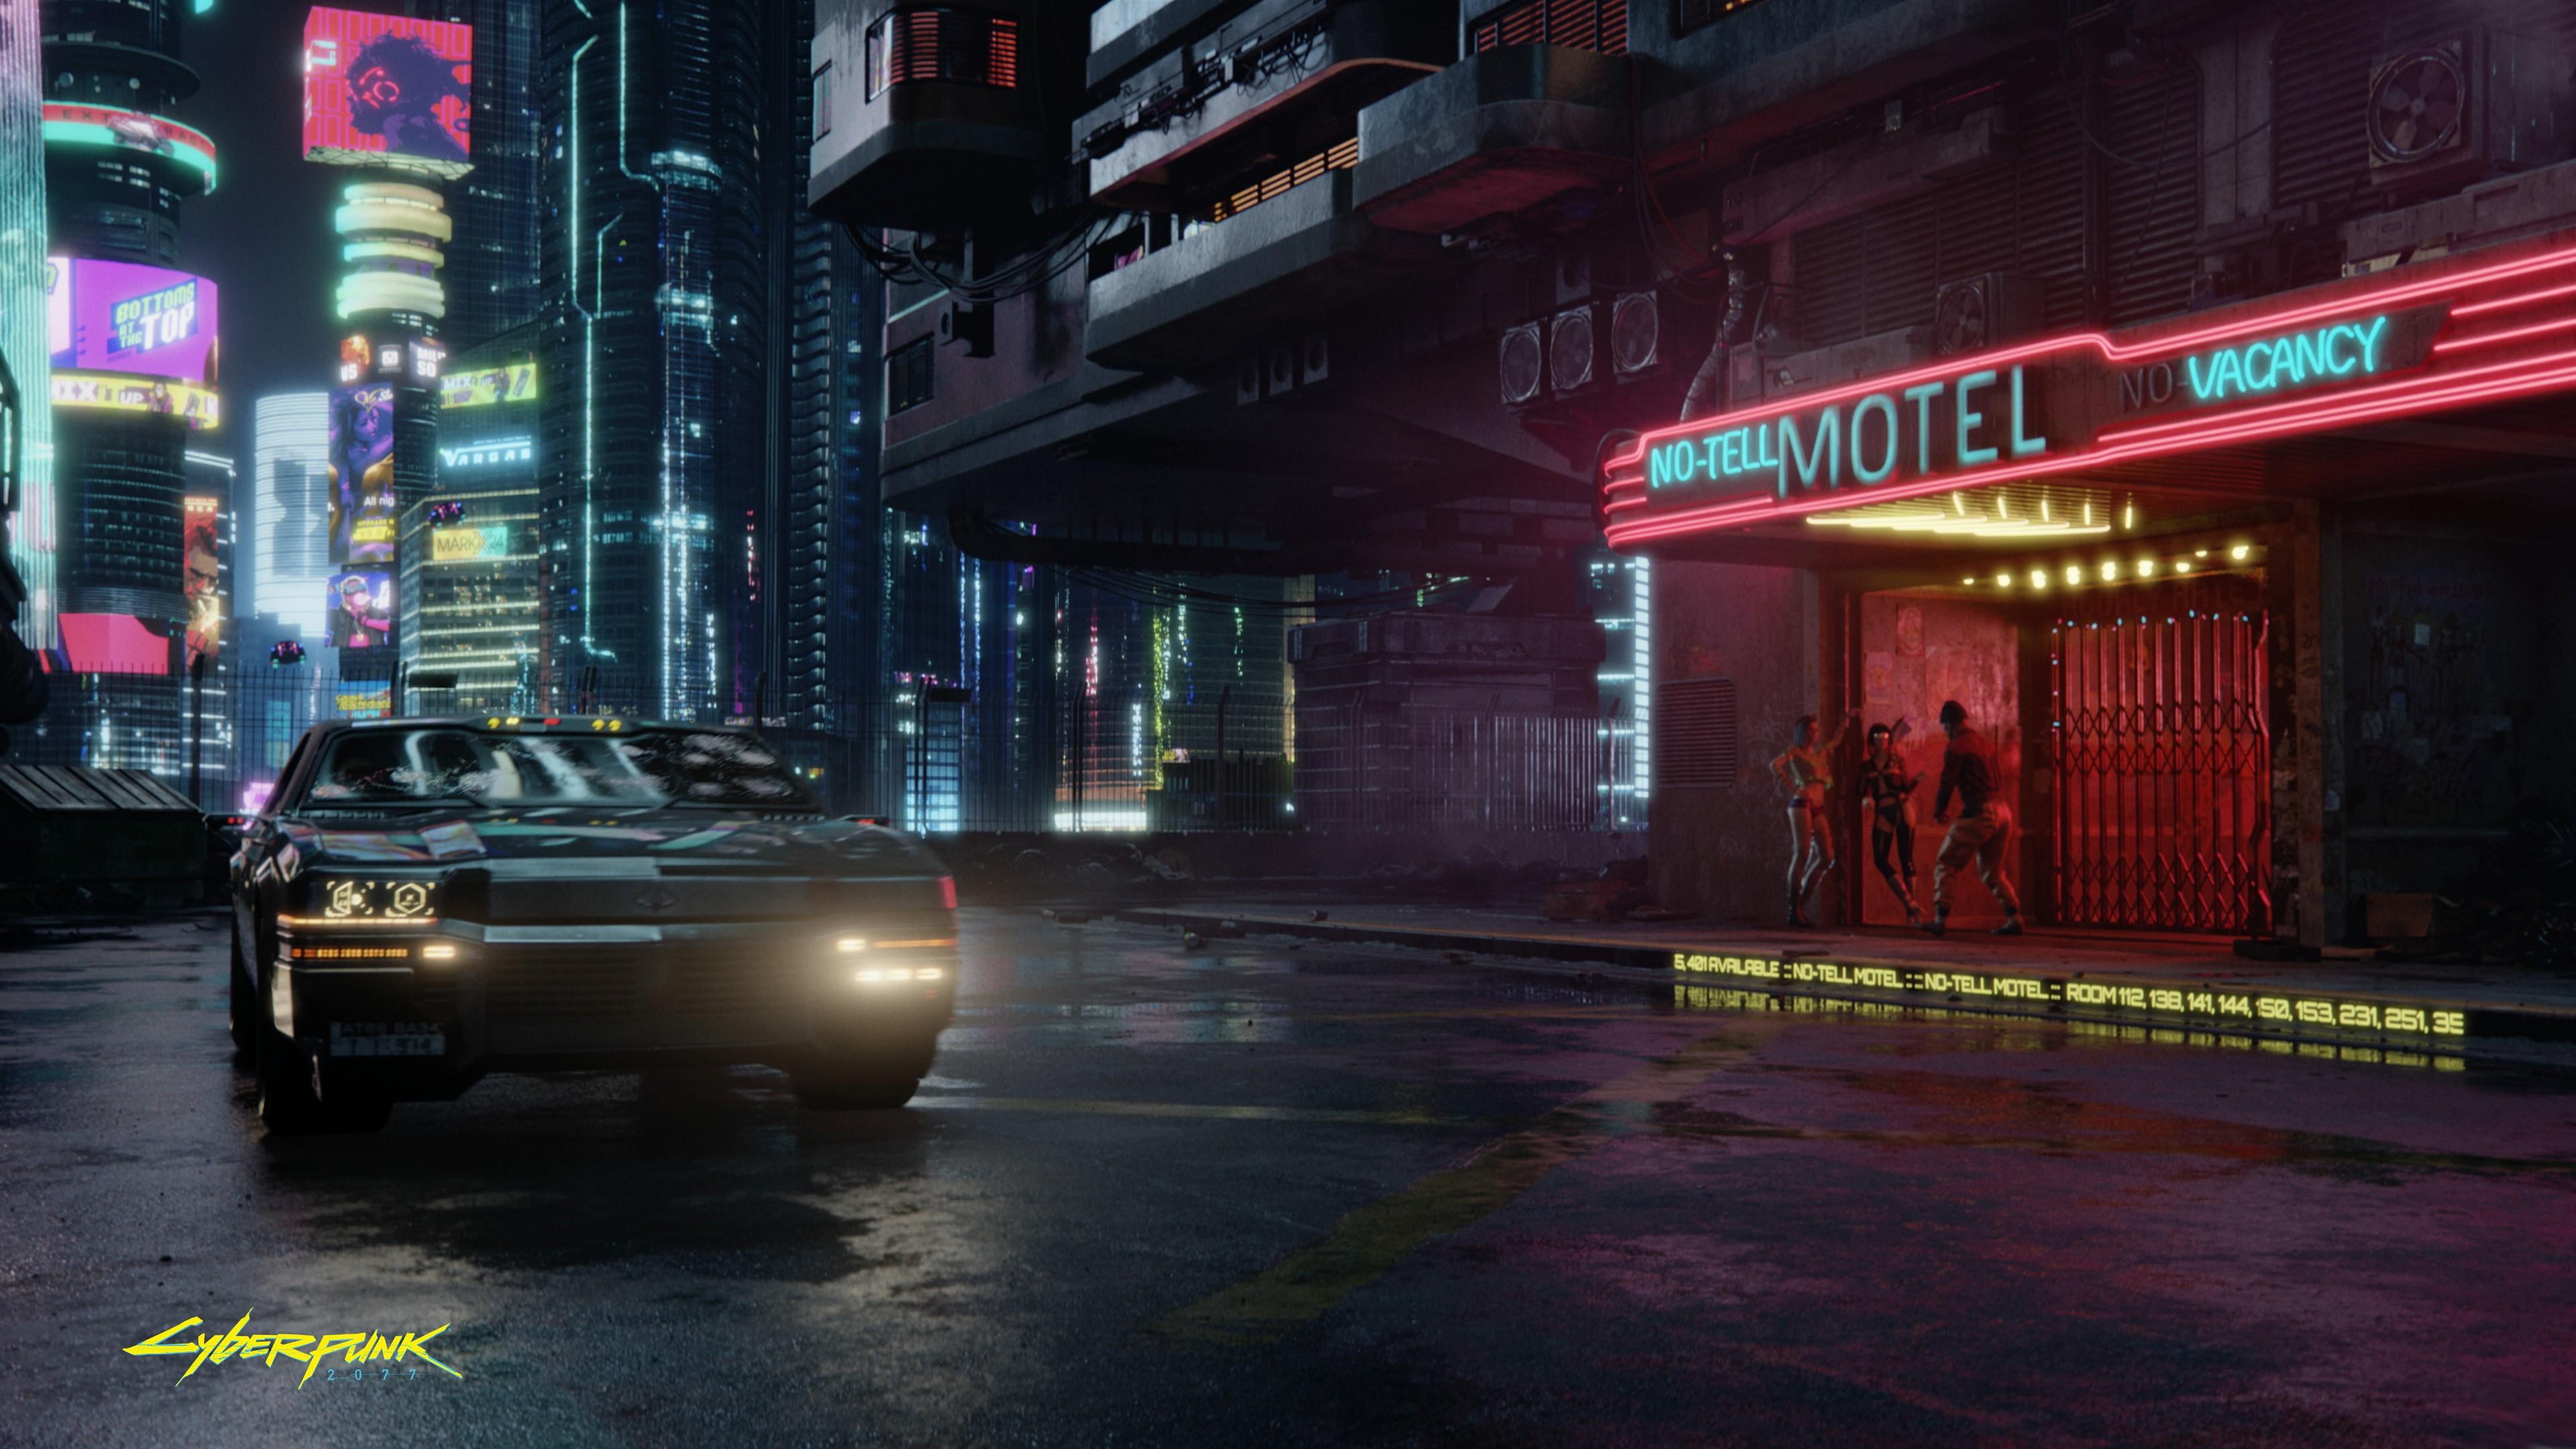 Wallpaper Cyberpunk 2077 E3 2019 Screenshot 4K Games